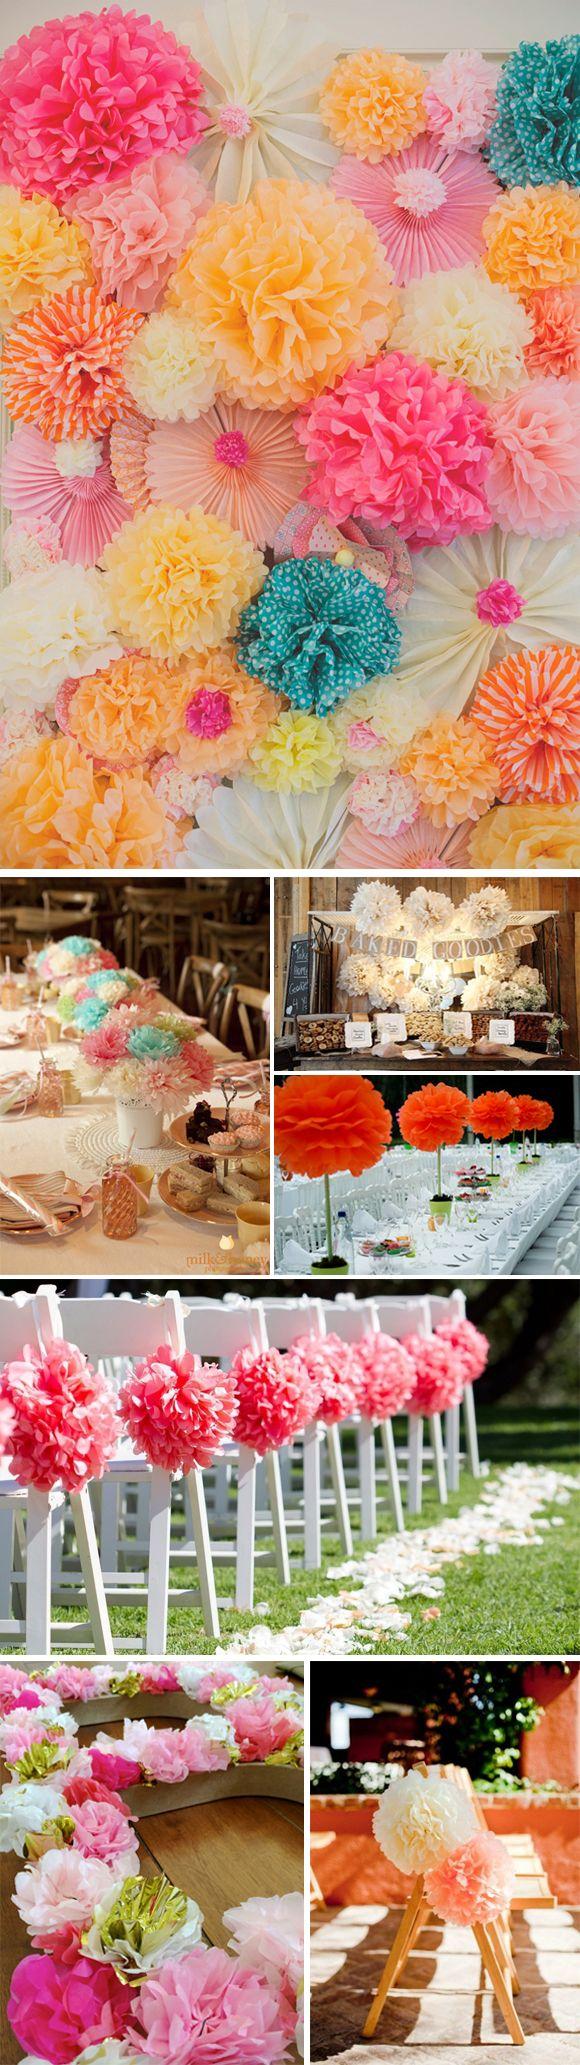 Decoraci n original de bodas con pompones de papel paper - Decoracion con pompones ...